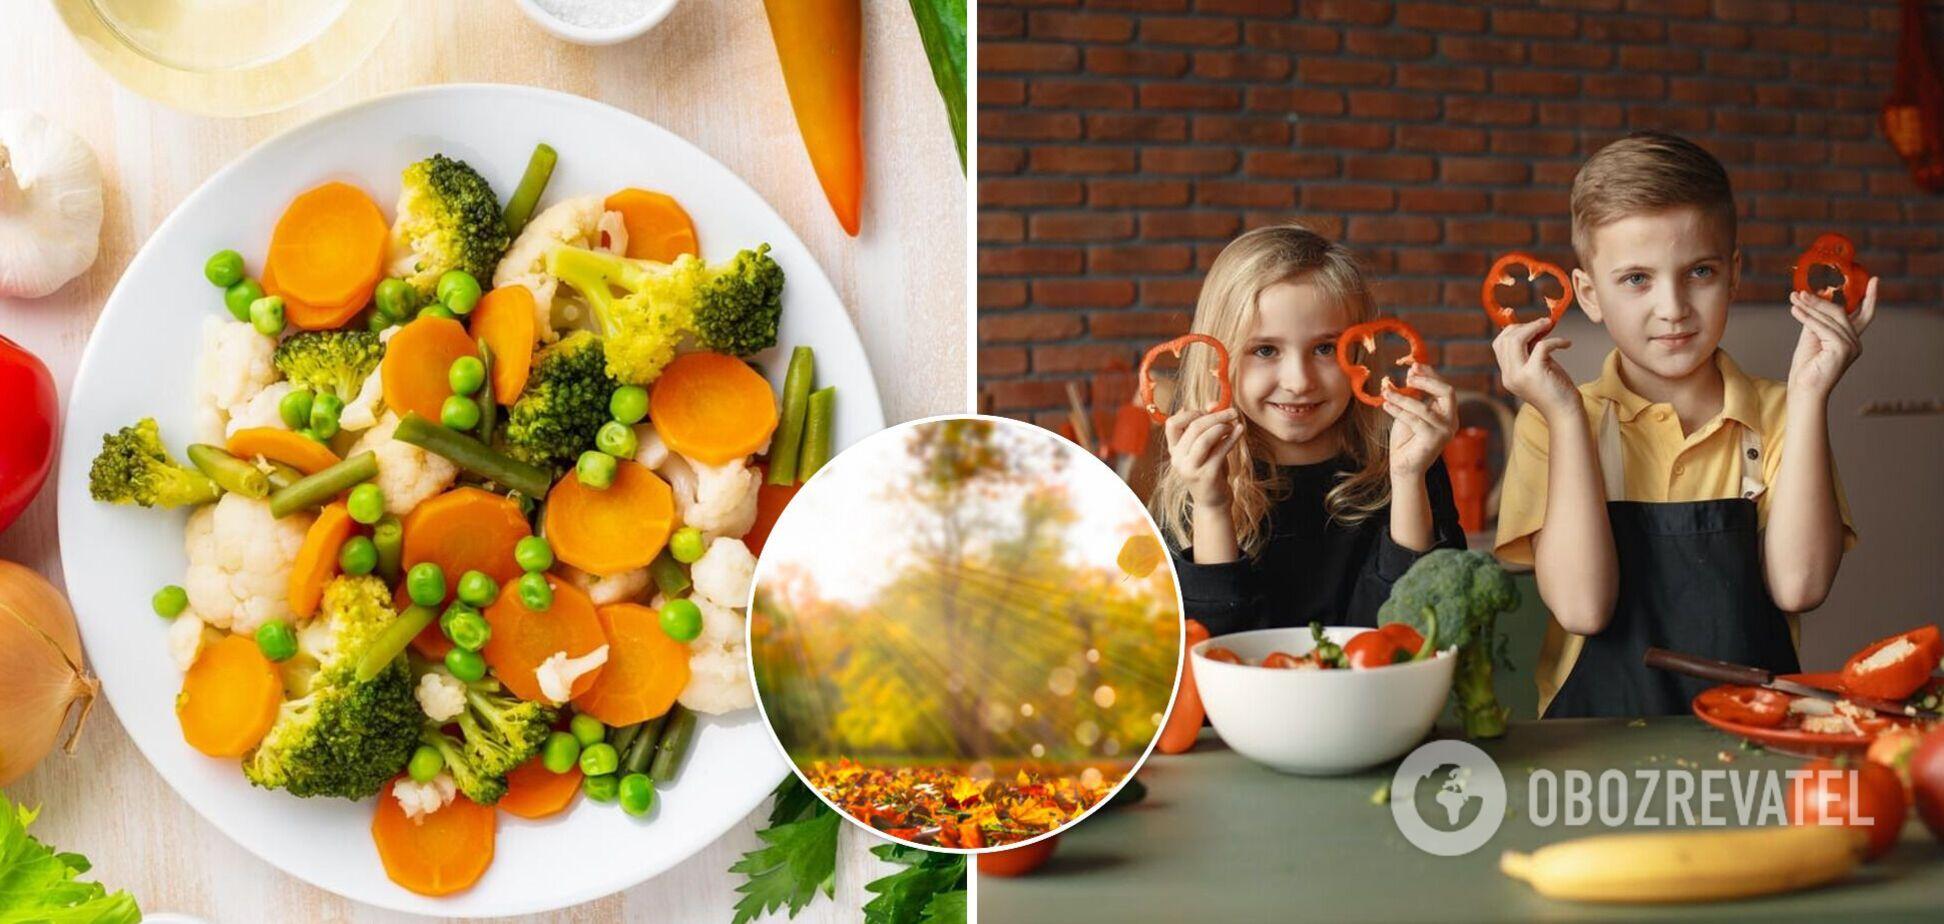 С наступлением осени набирает актуальности правильное питание